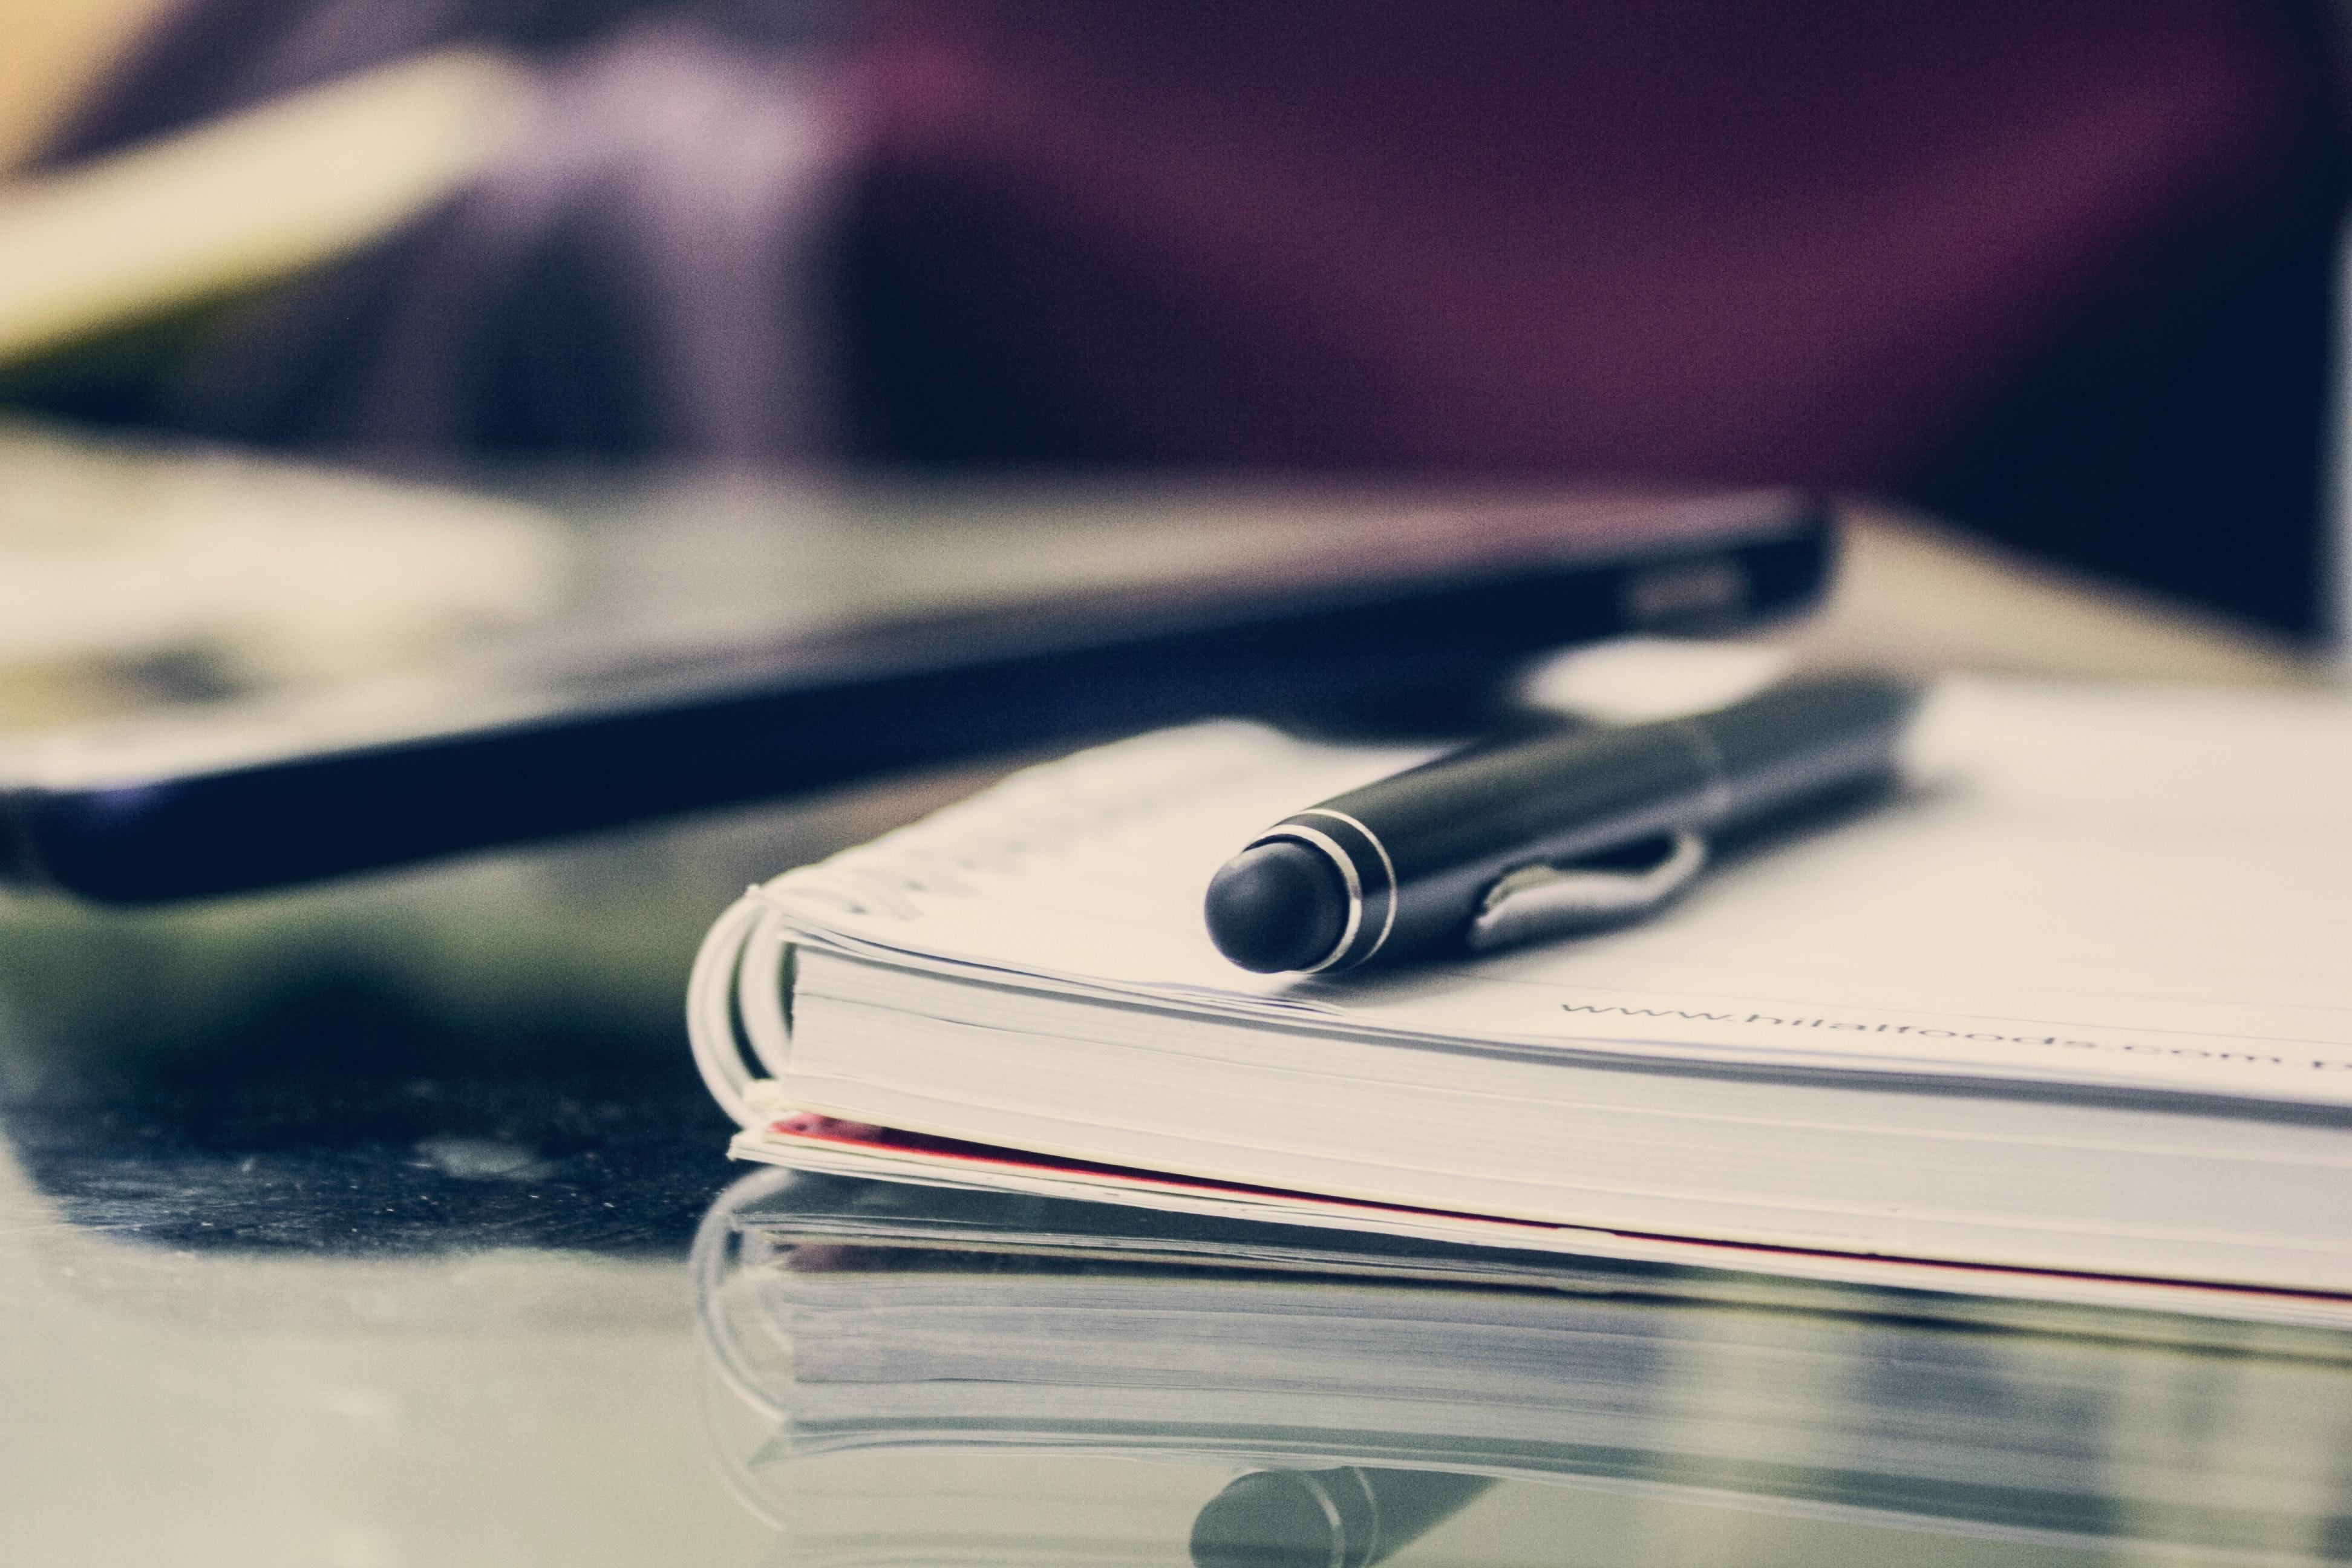 dématérialisation_documents_administratifs